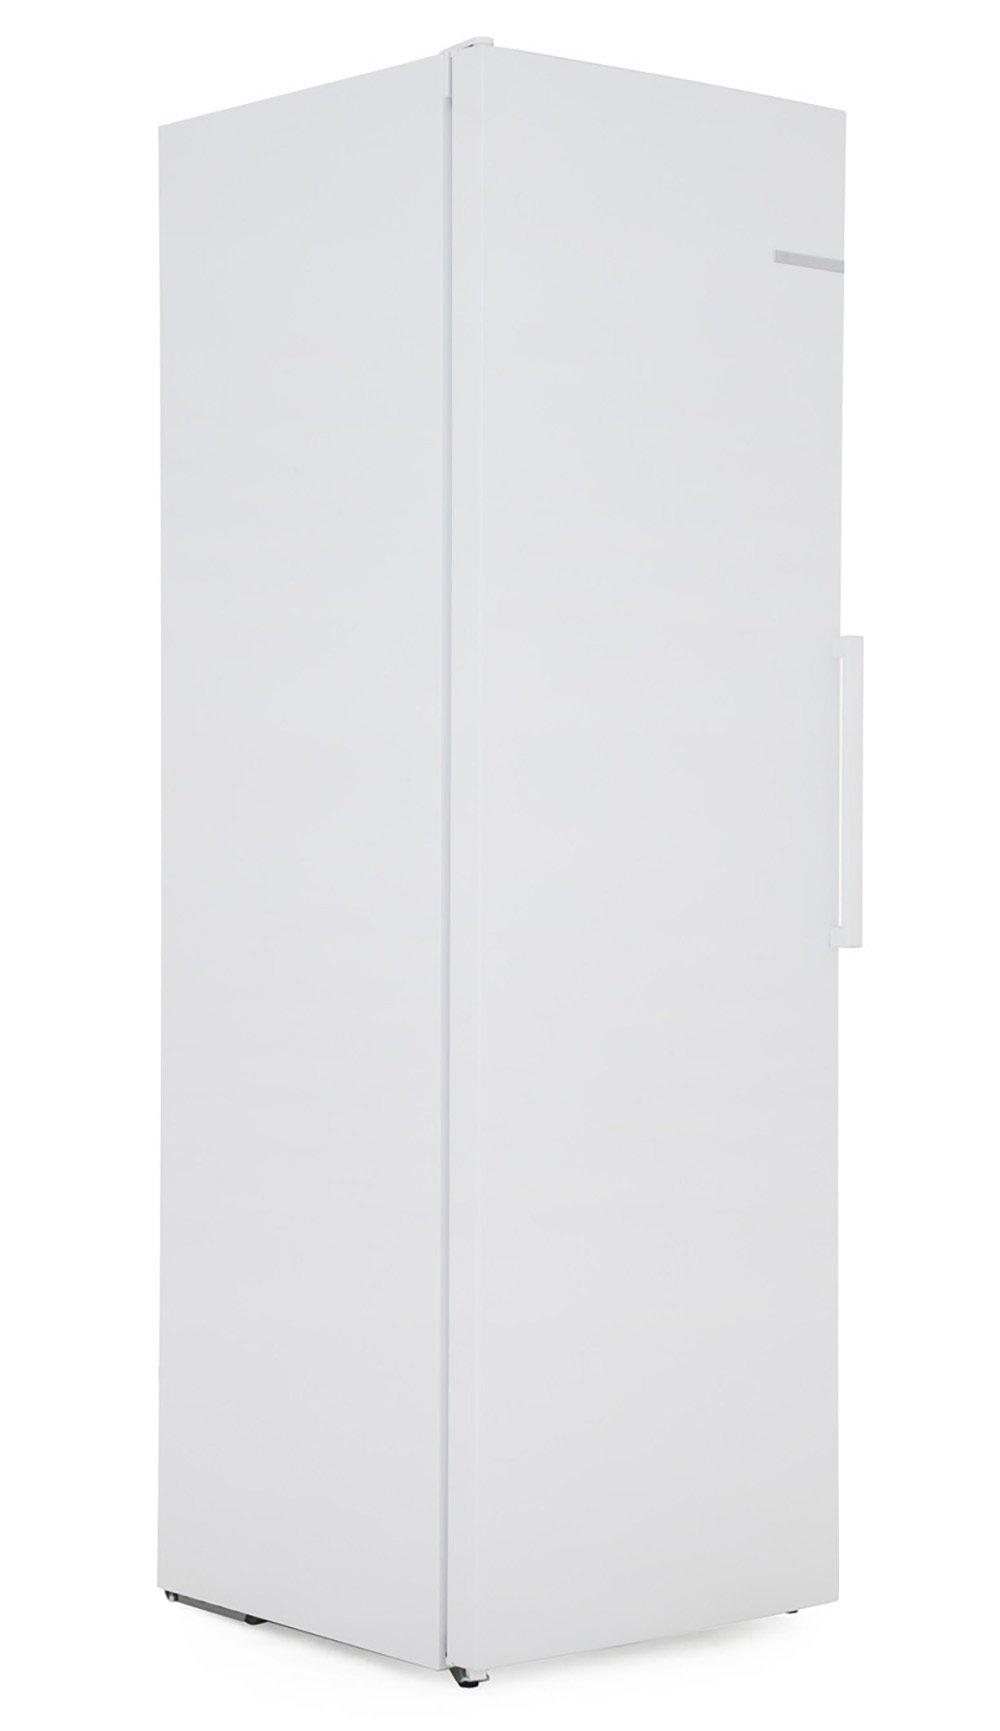 Bosch Serie 2 KSV36NW3PG Tall Larder Fridge